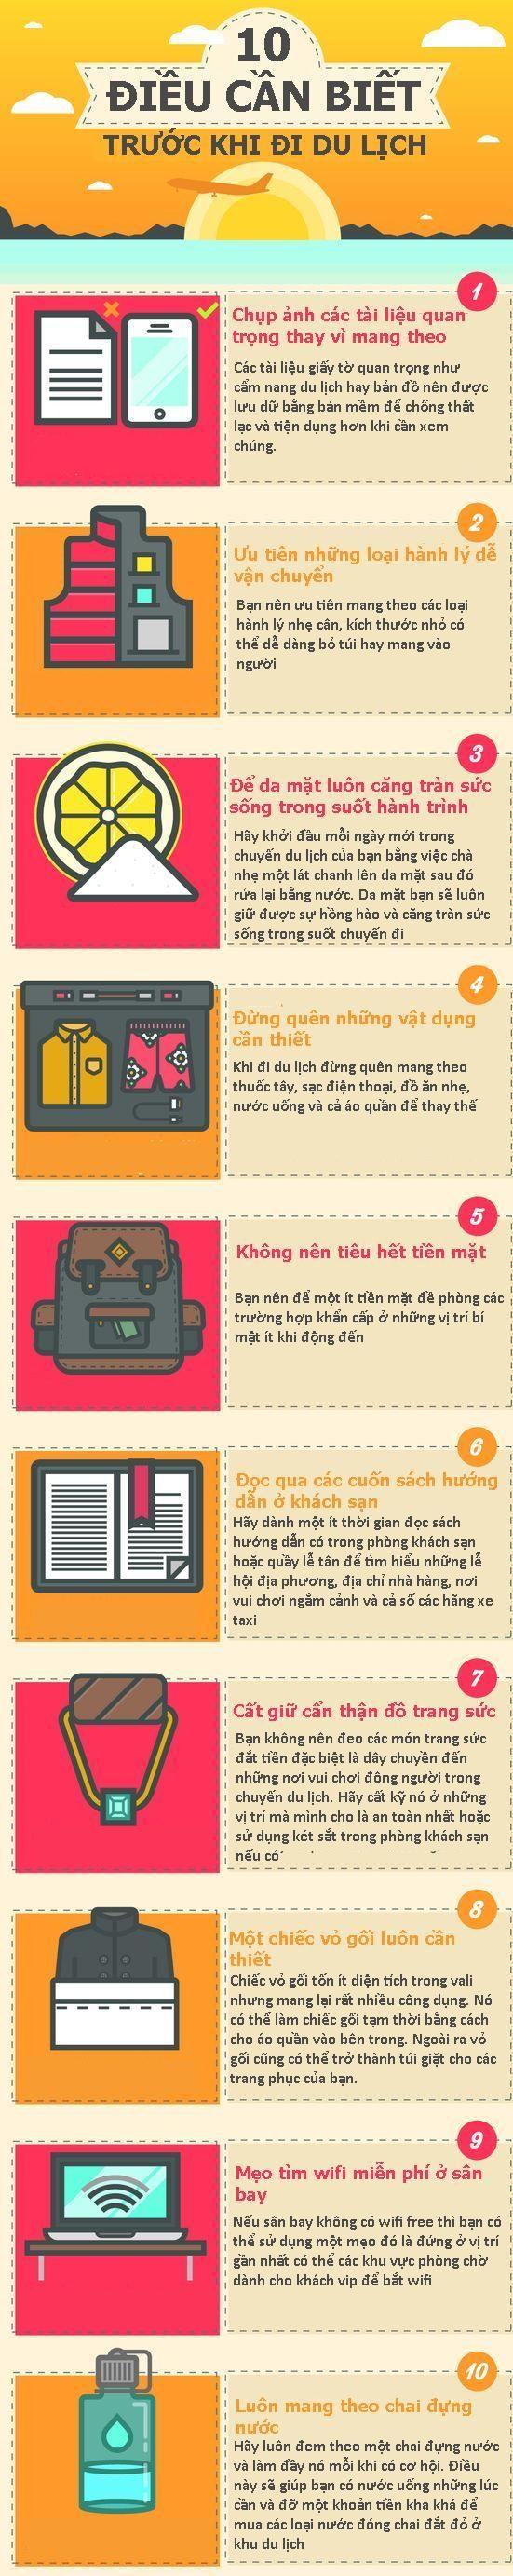 [Infographics] Những điều cần biết khi chuẩn bị cho một chuyến du lịch - 1